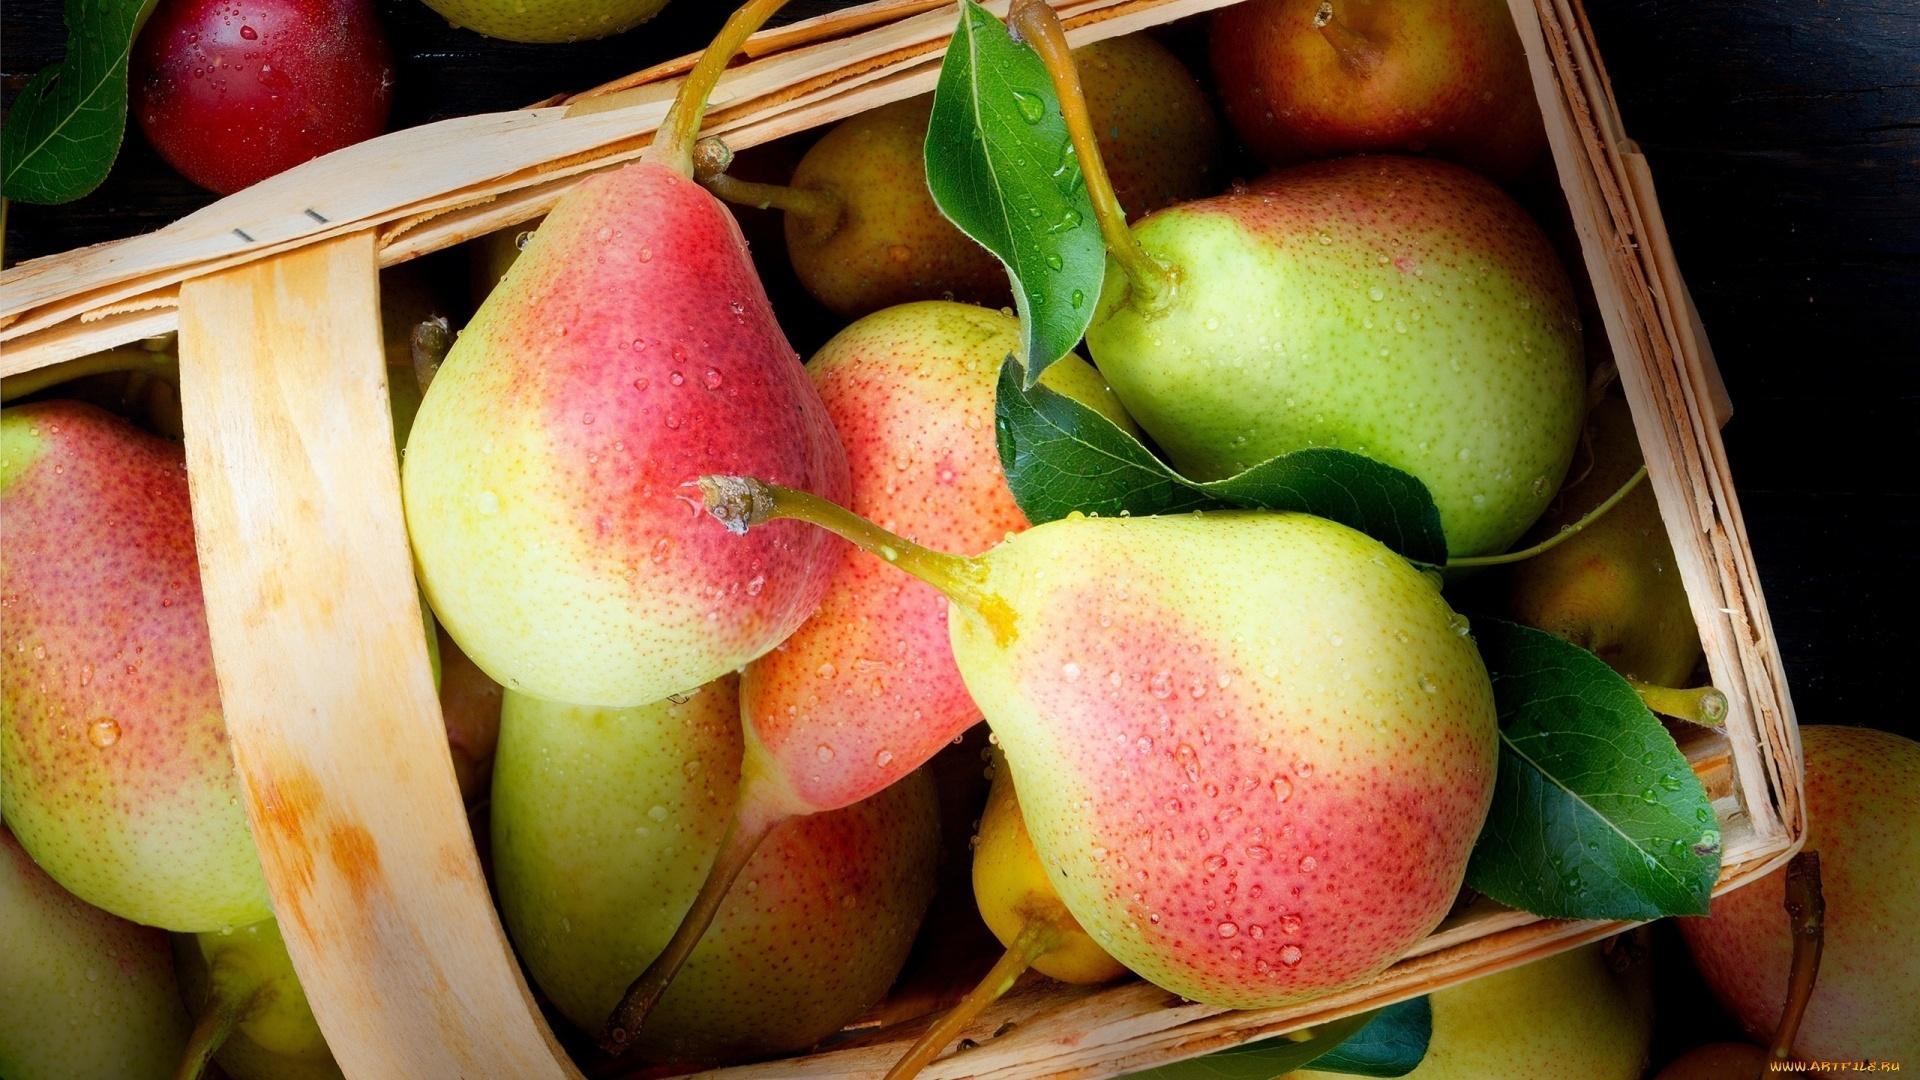 Pear HD Wallpaper